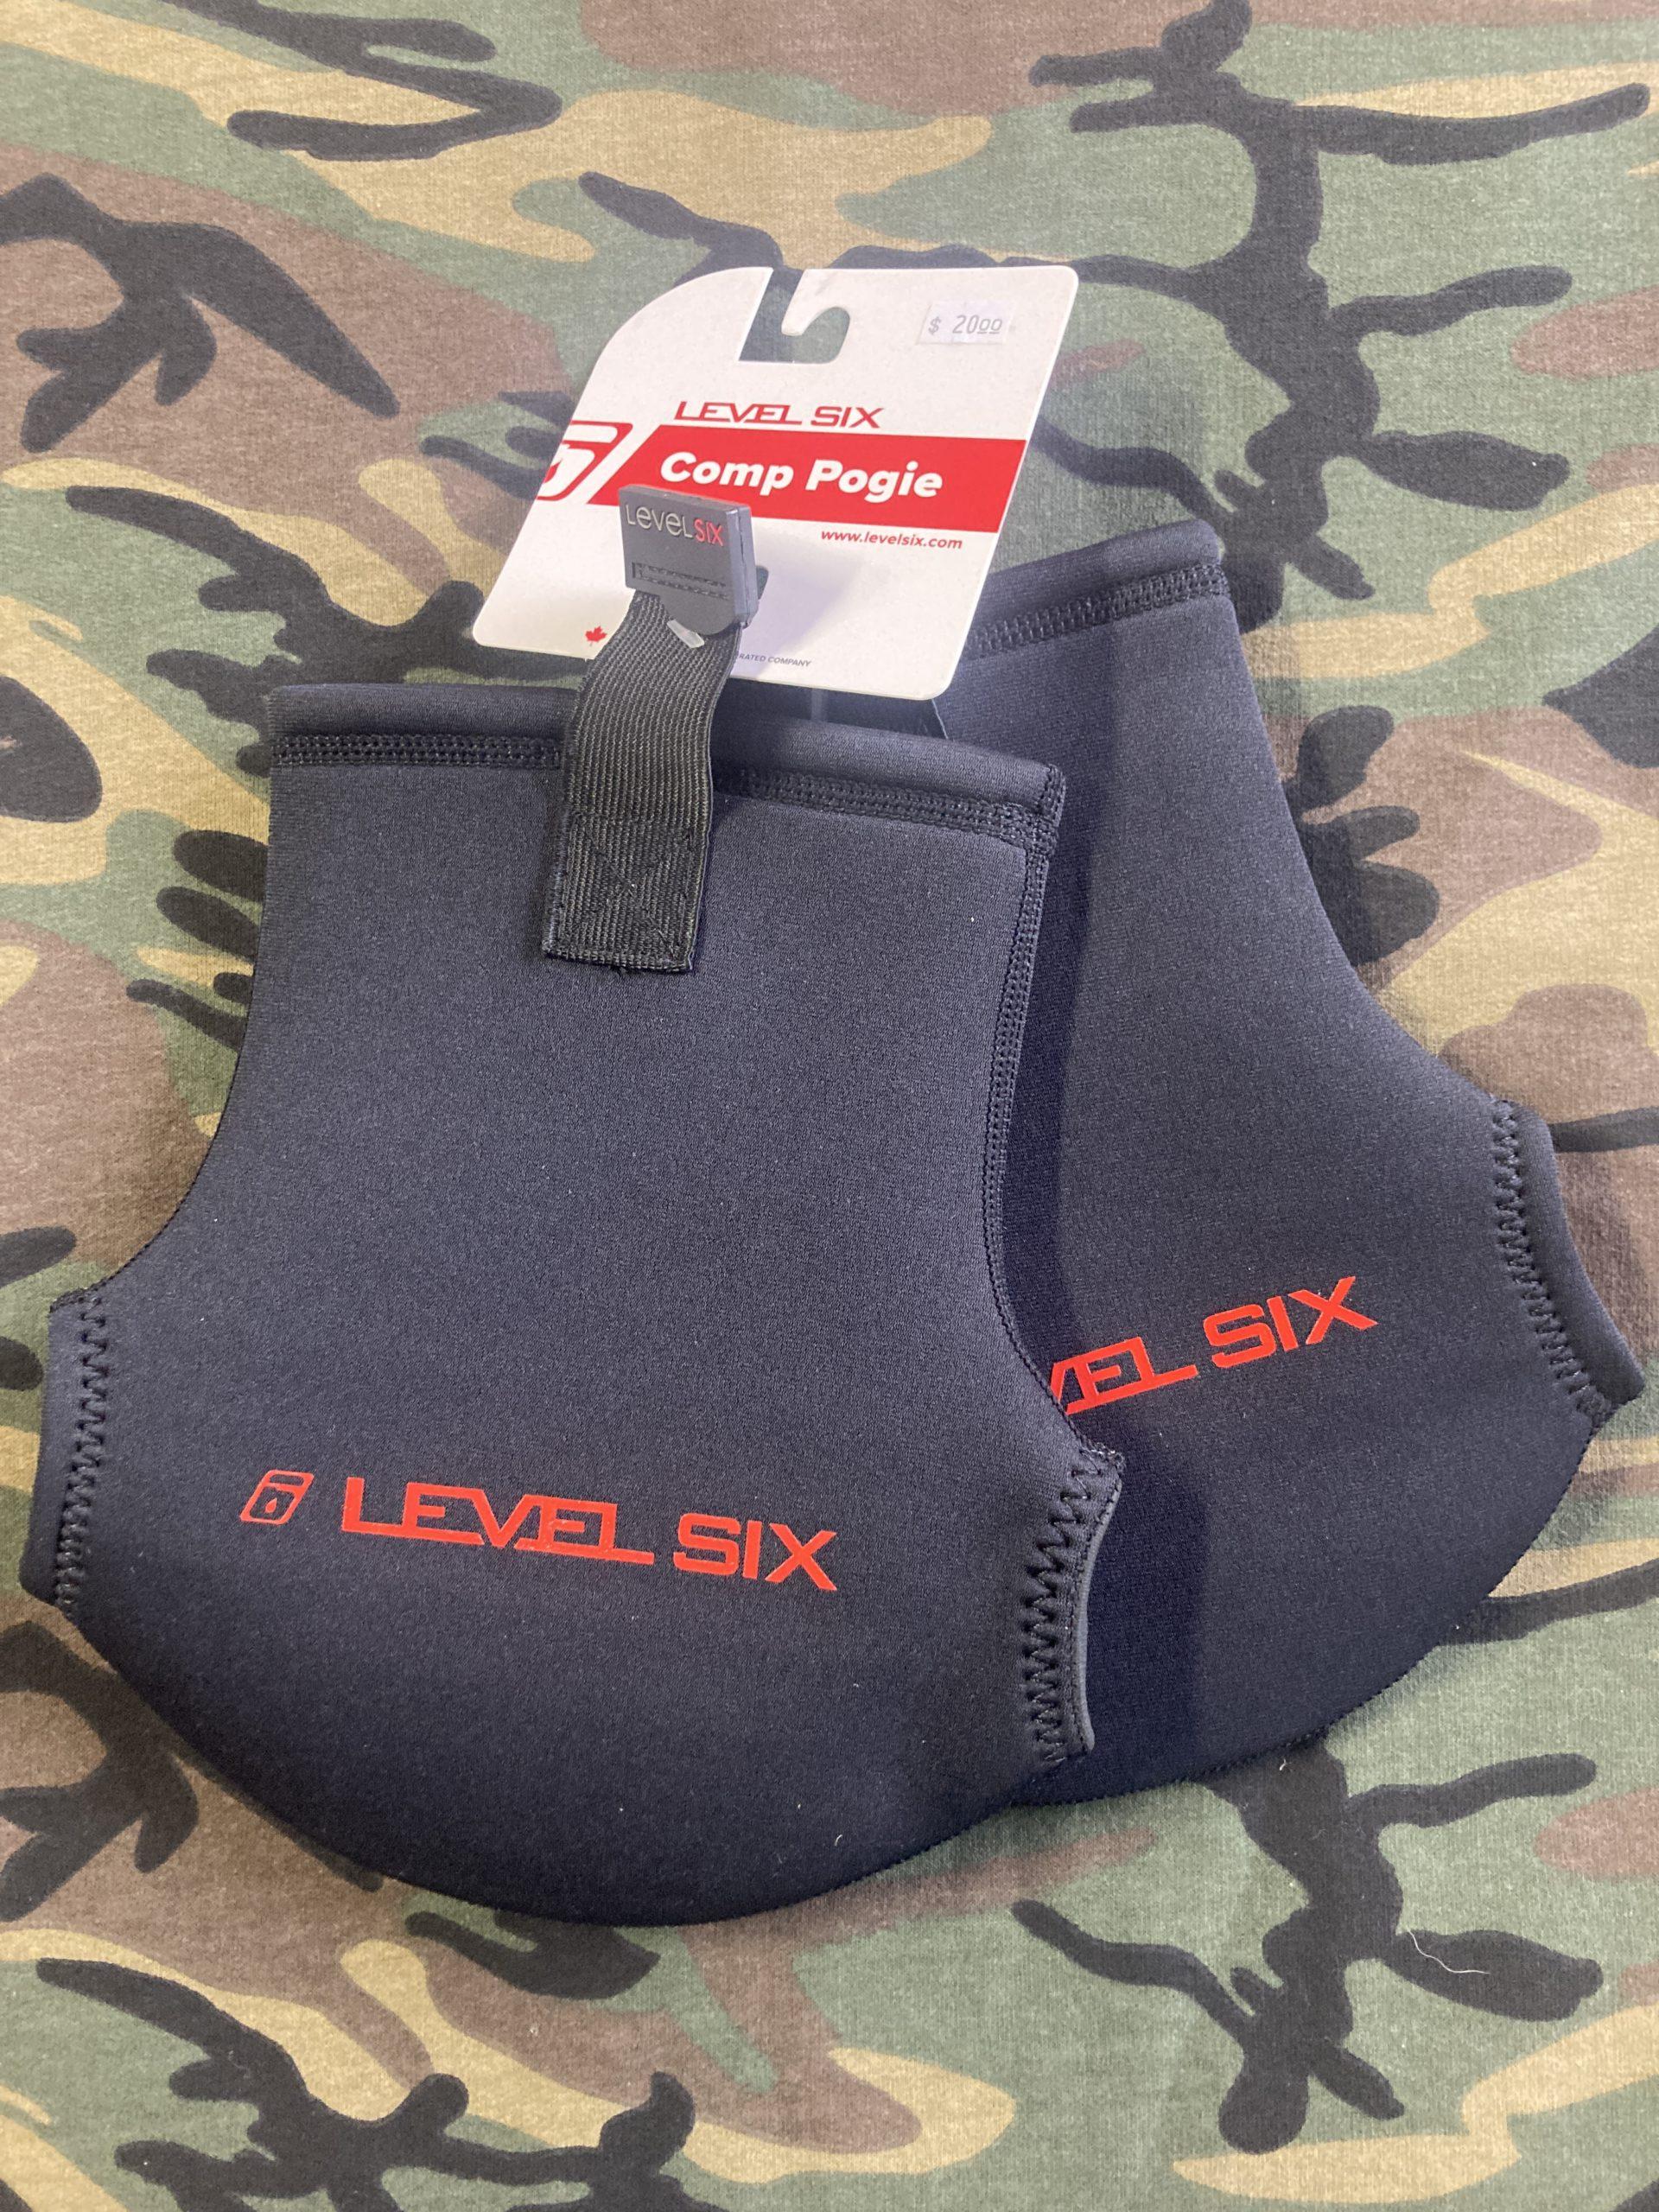 Level Six Comp Pogie